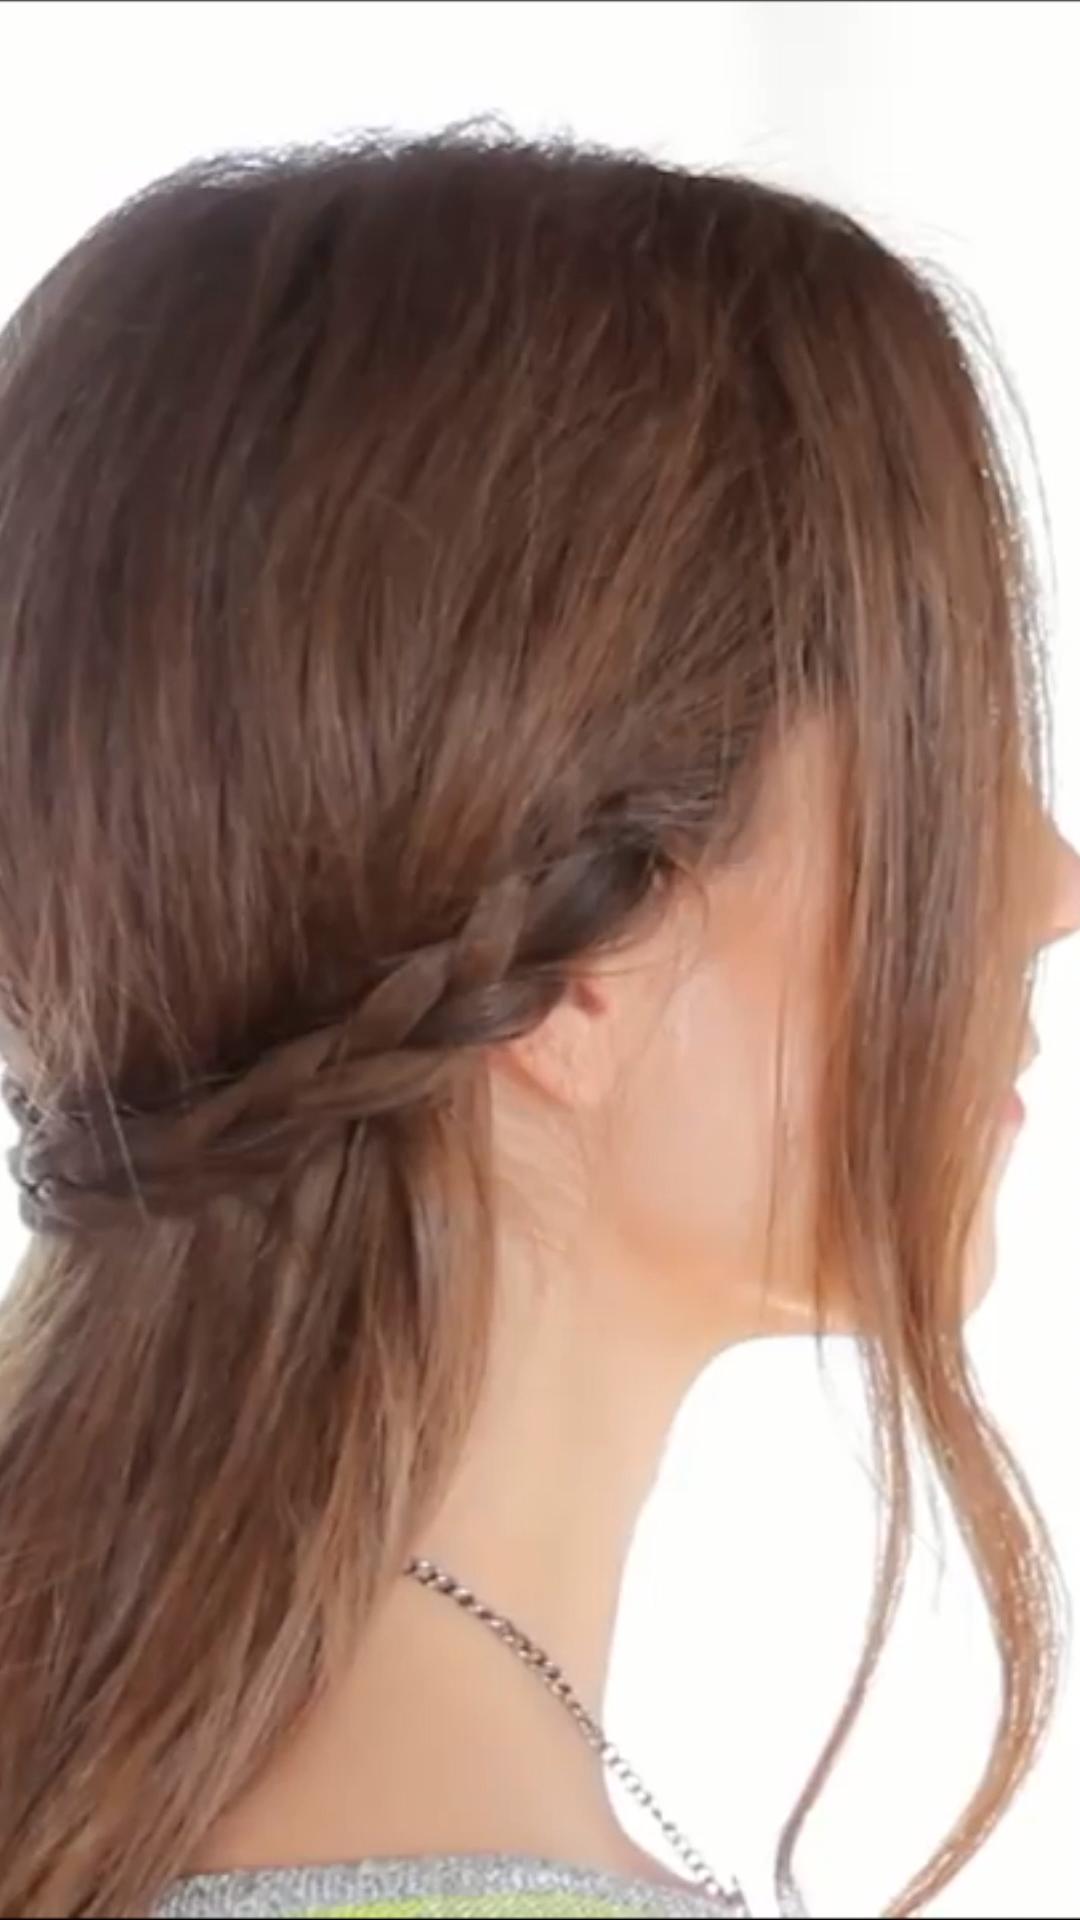 Ein paar Frisur Inspirationen für lange Haare. Das komplette Video mit Anleitung gibts auf YouTube. Einfach auf den Link klicken😃👇